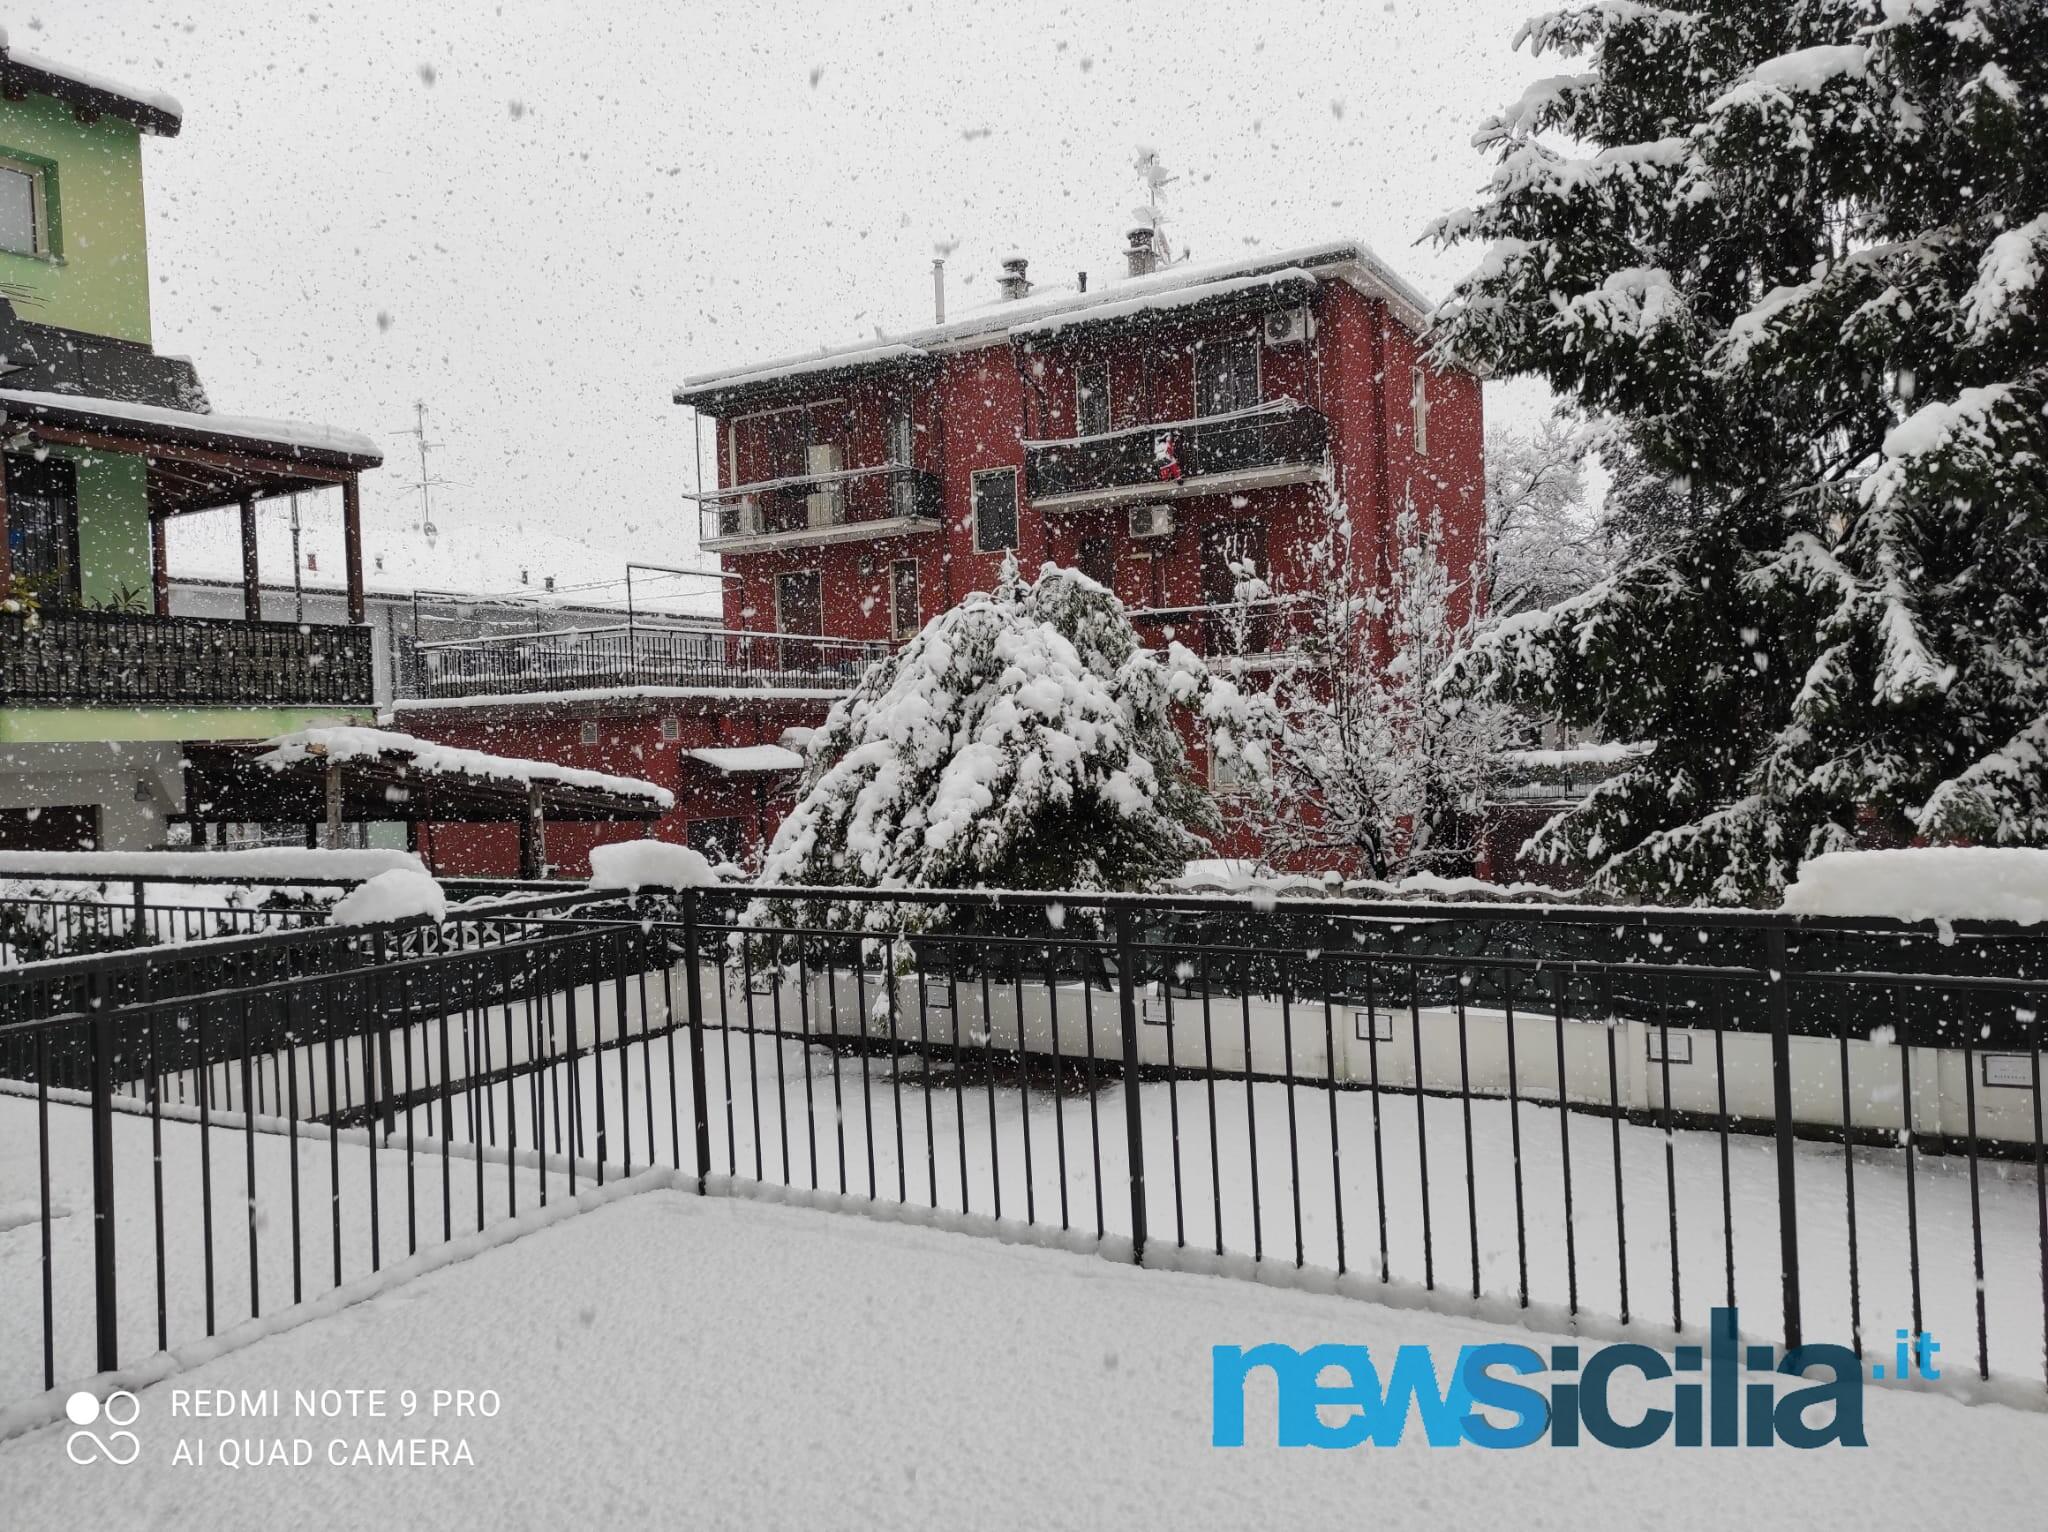 Maltempo a Milano e provincia, nevicata senza precedenti: alberi precipitati e disagi – Le FOTO e il VIDEO